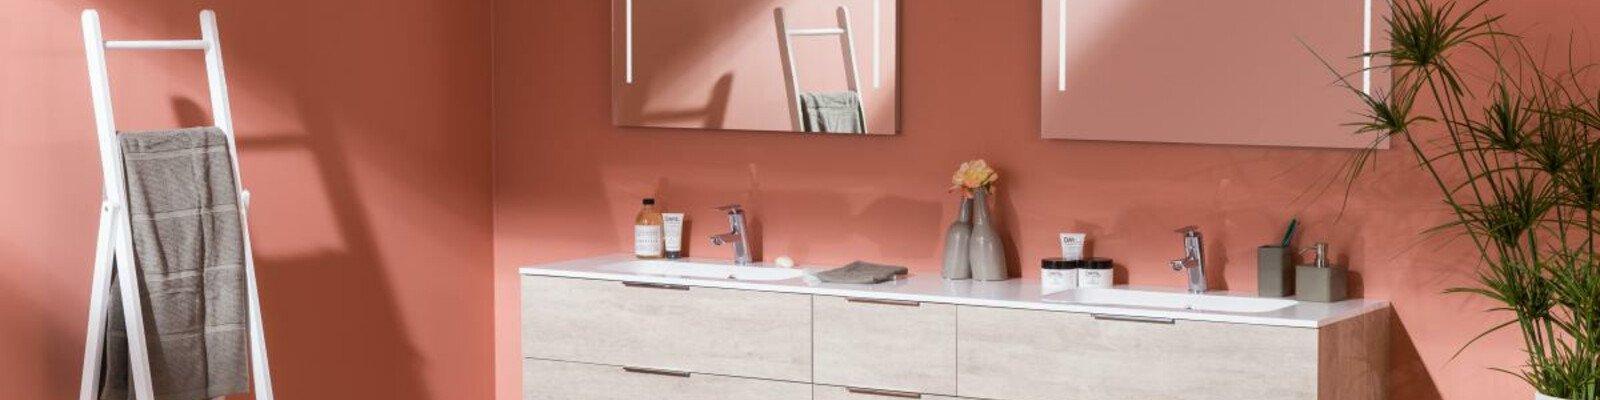 Ontwerp je eigen badkamer met Zelfbouwmarkt!